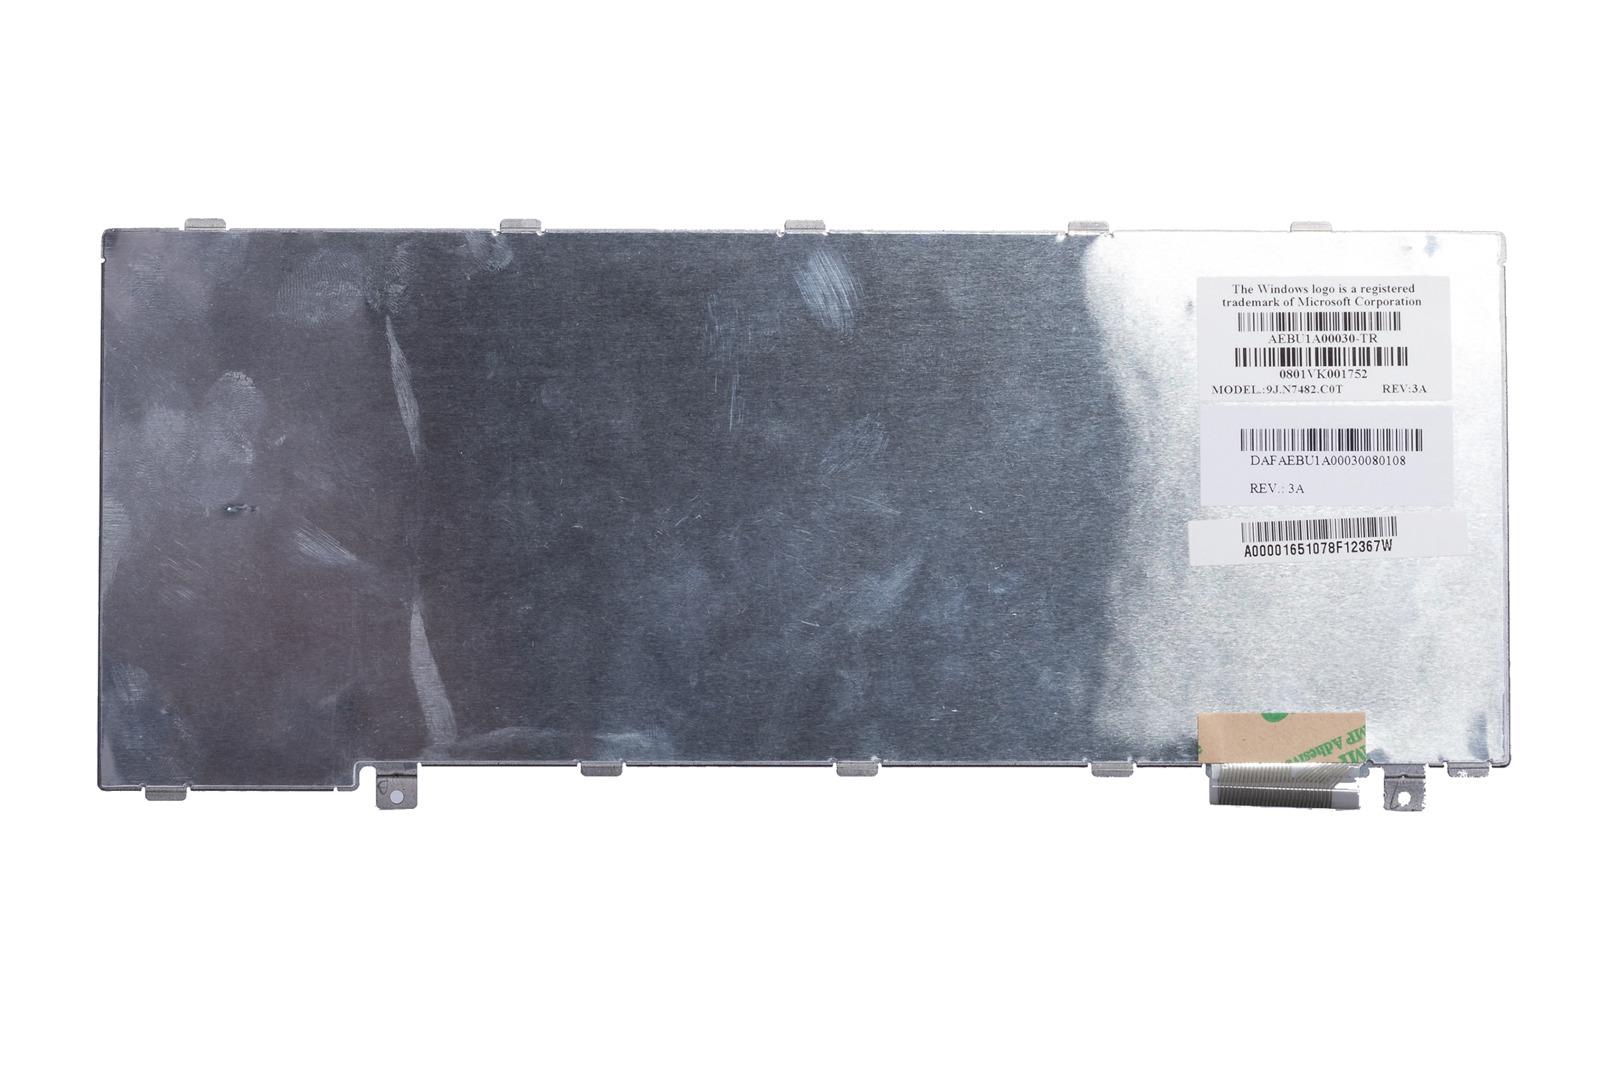 Klawiatura Toshiba 9J.N7482.C0T (Turecka)